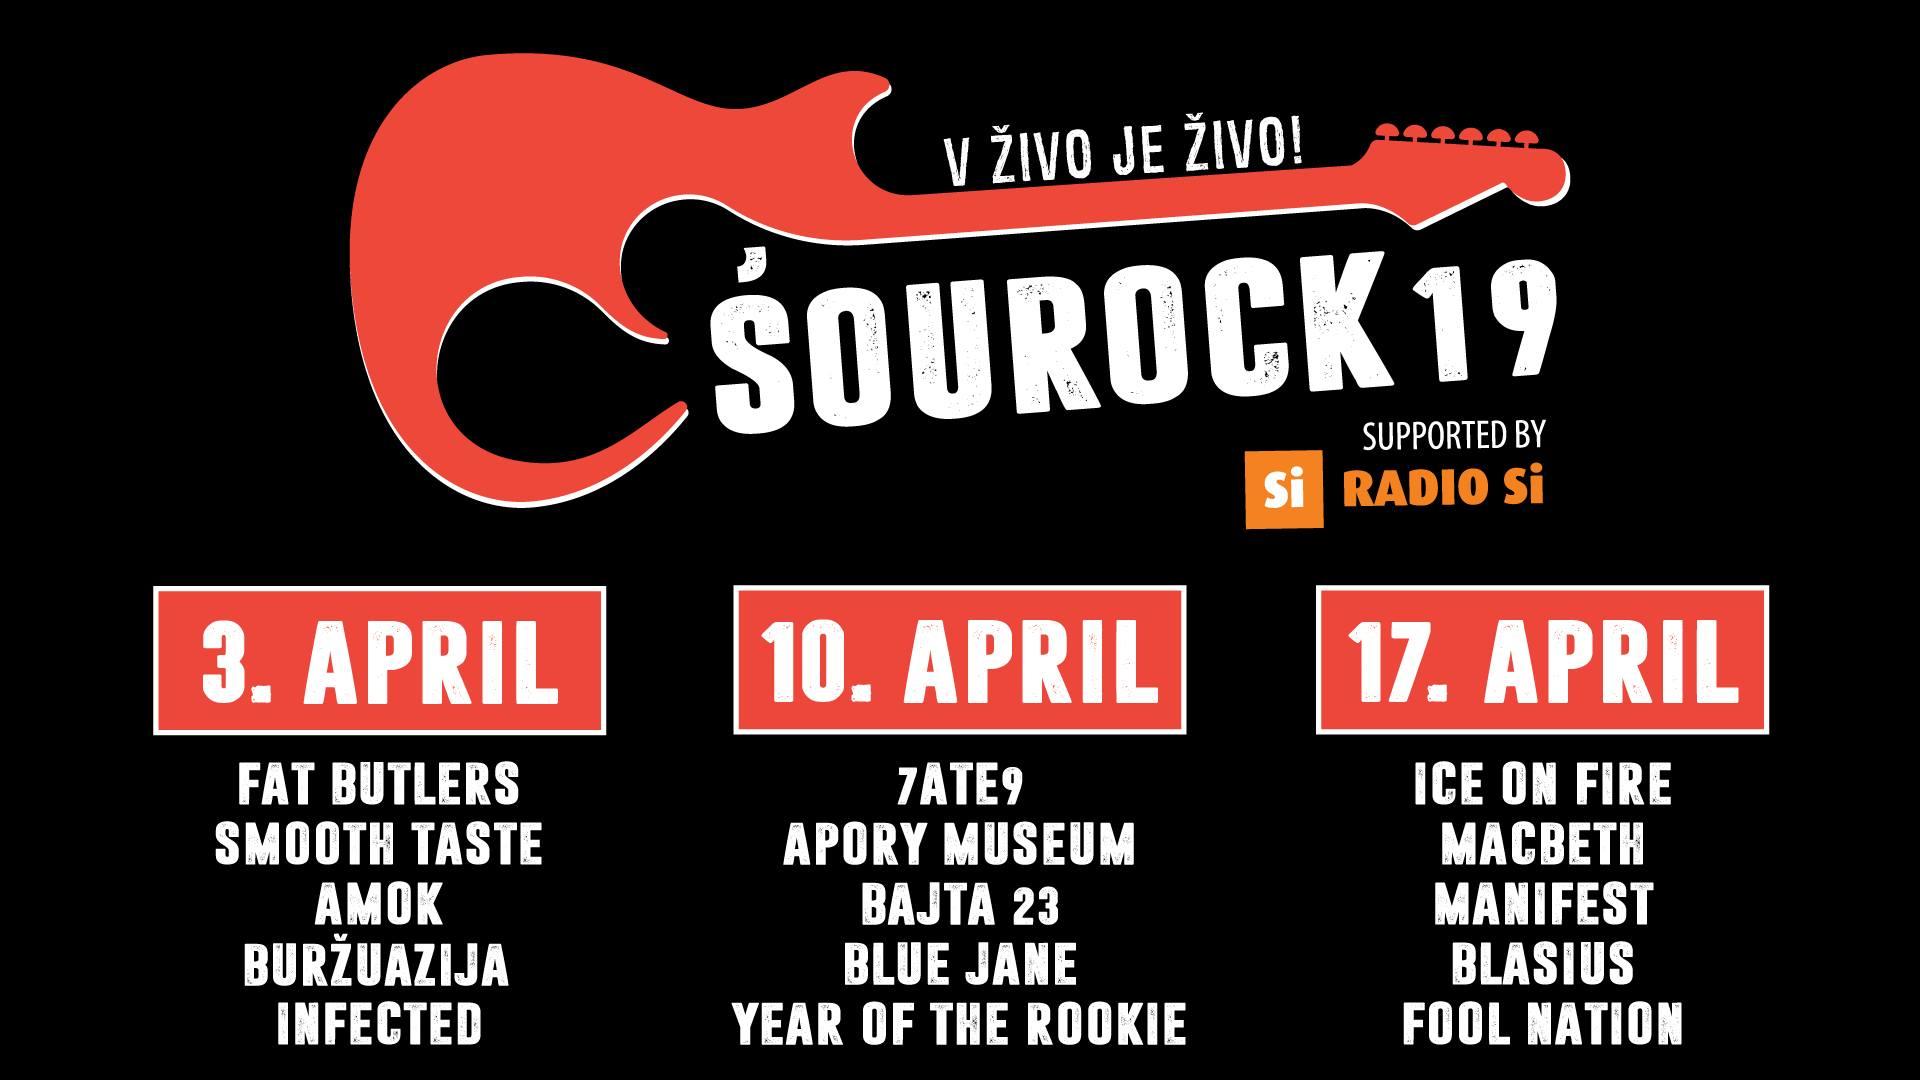 sourock.jpg